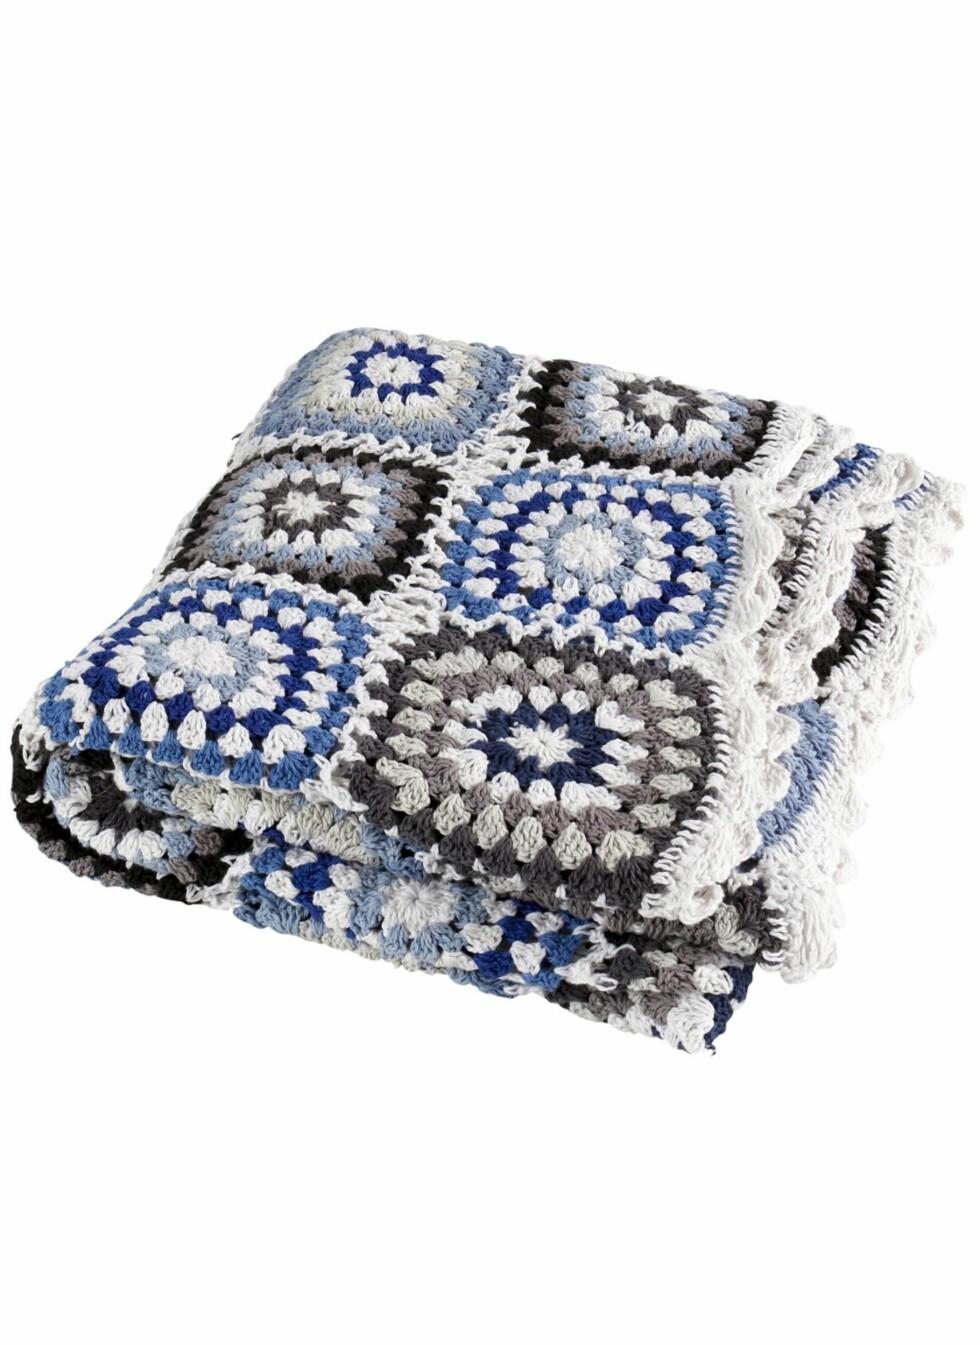 Heklet pledd i hvitt, blått og grått, Jotex, kr 299. Foto: Produsenten